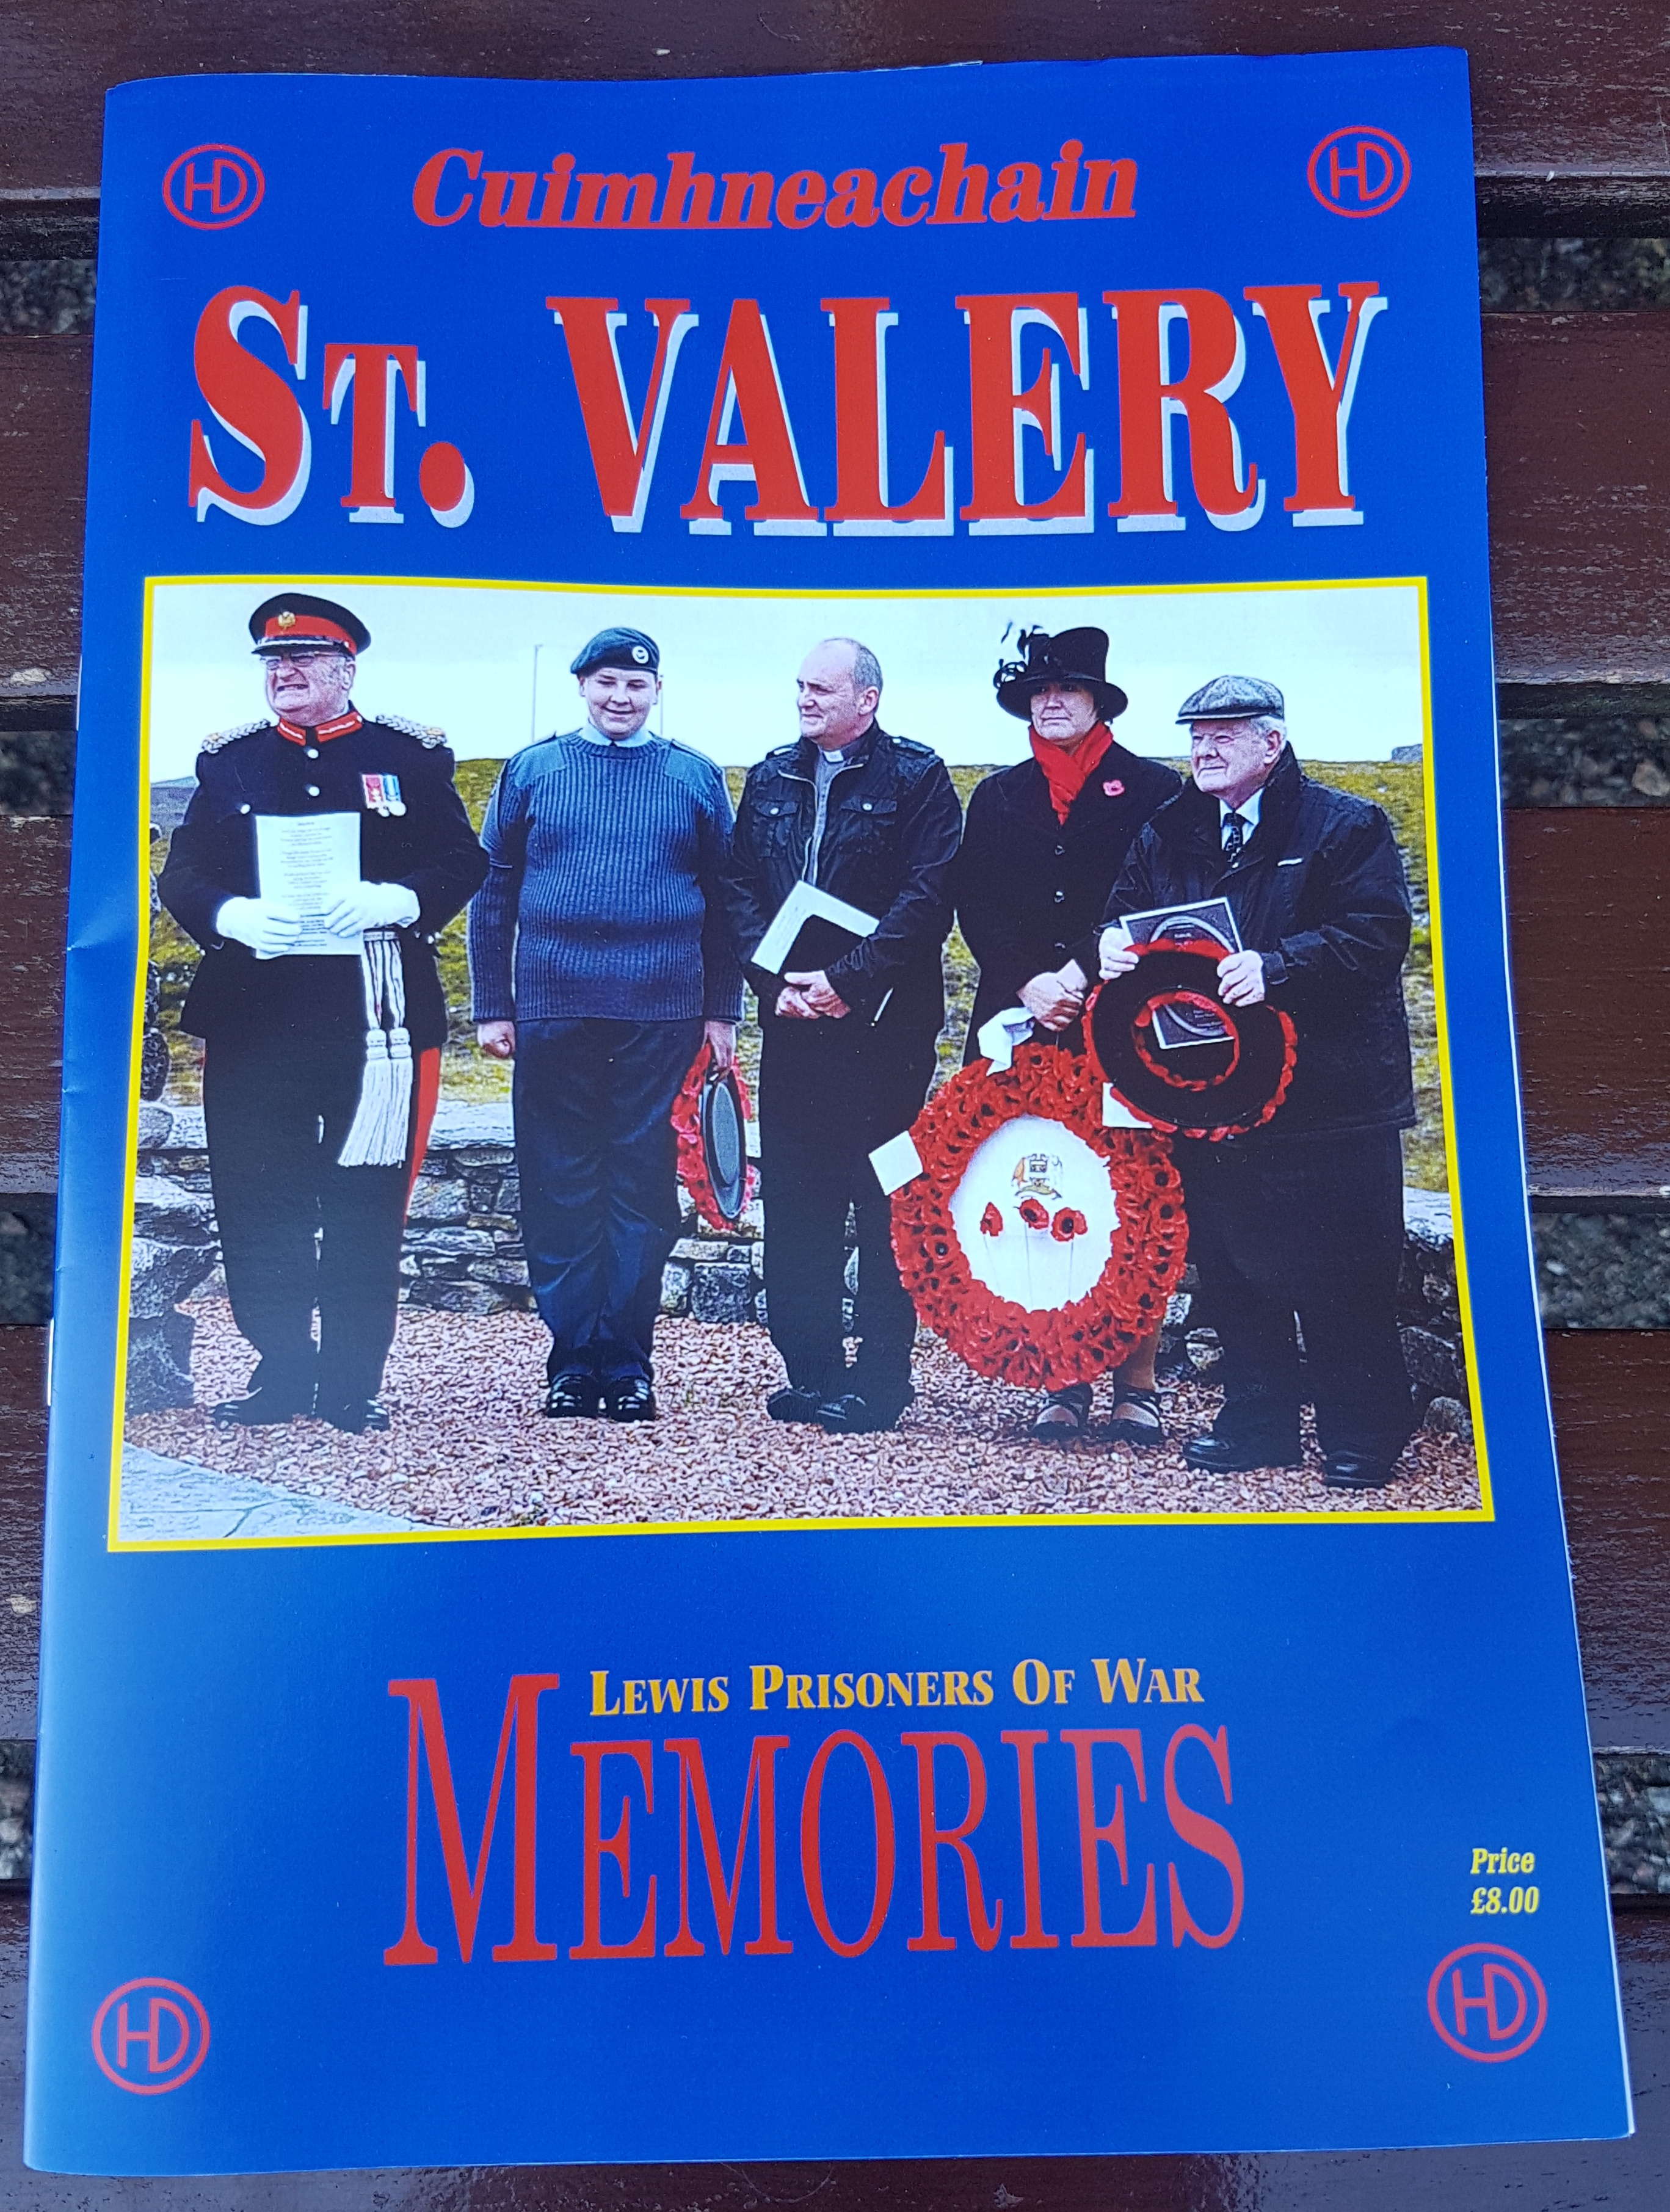 Cuimhneachain St Valery